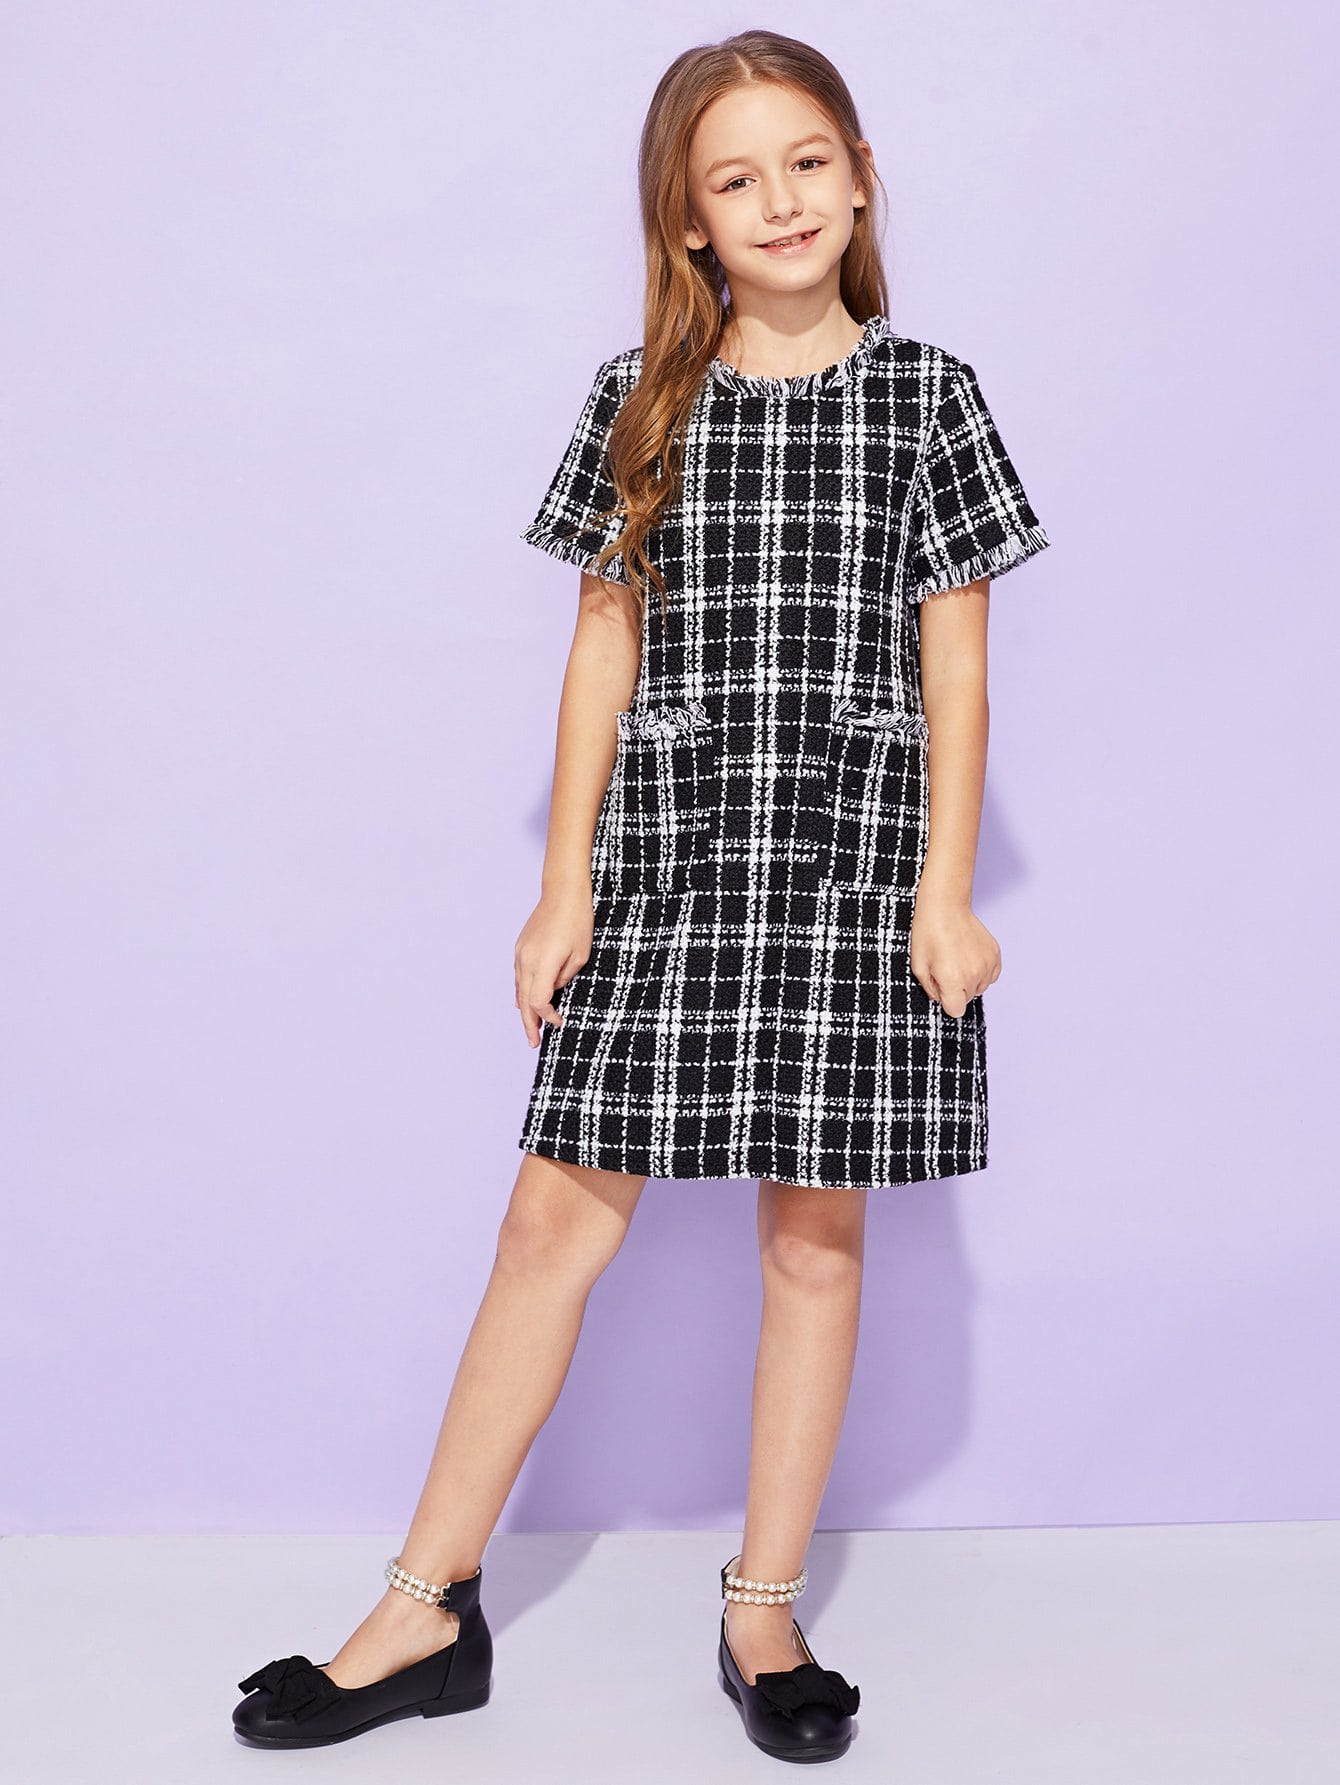 Купить Для девочек твидовое платье в клетку с бахромой, Sashab, SheIn